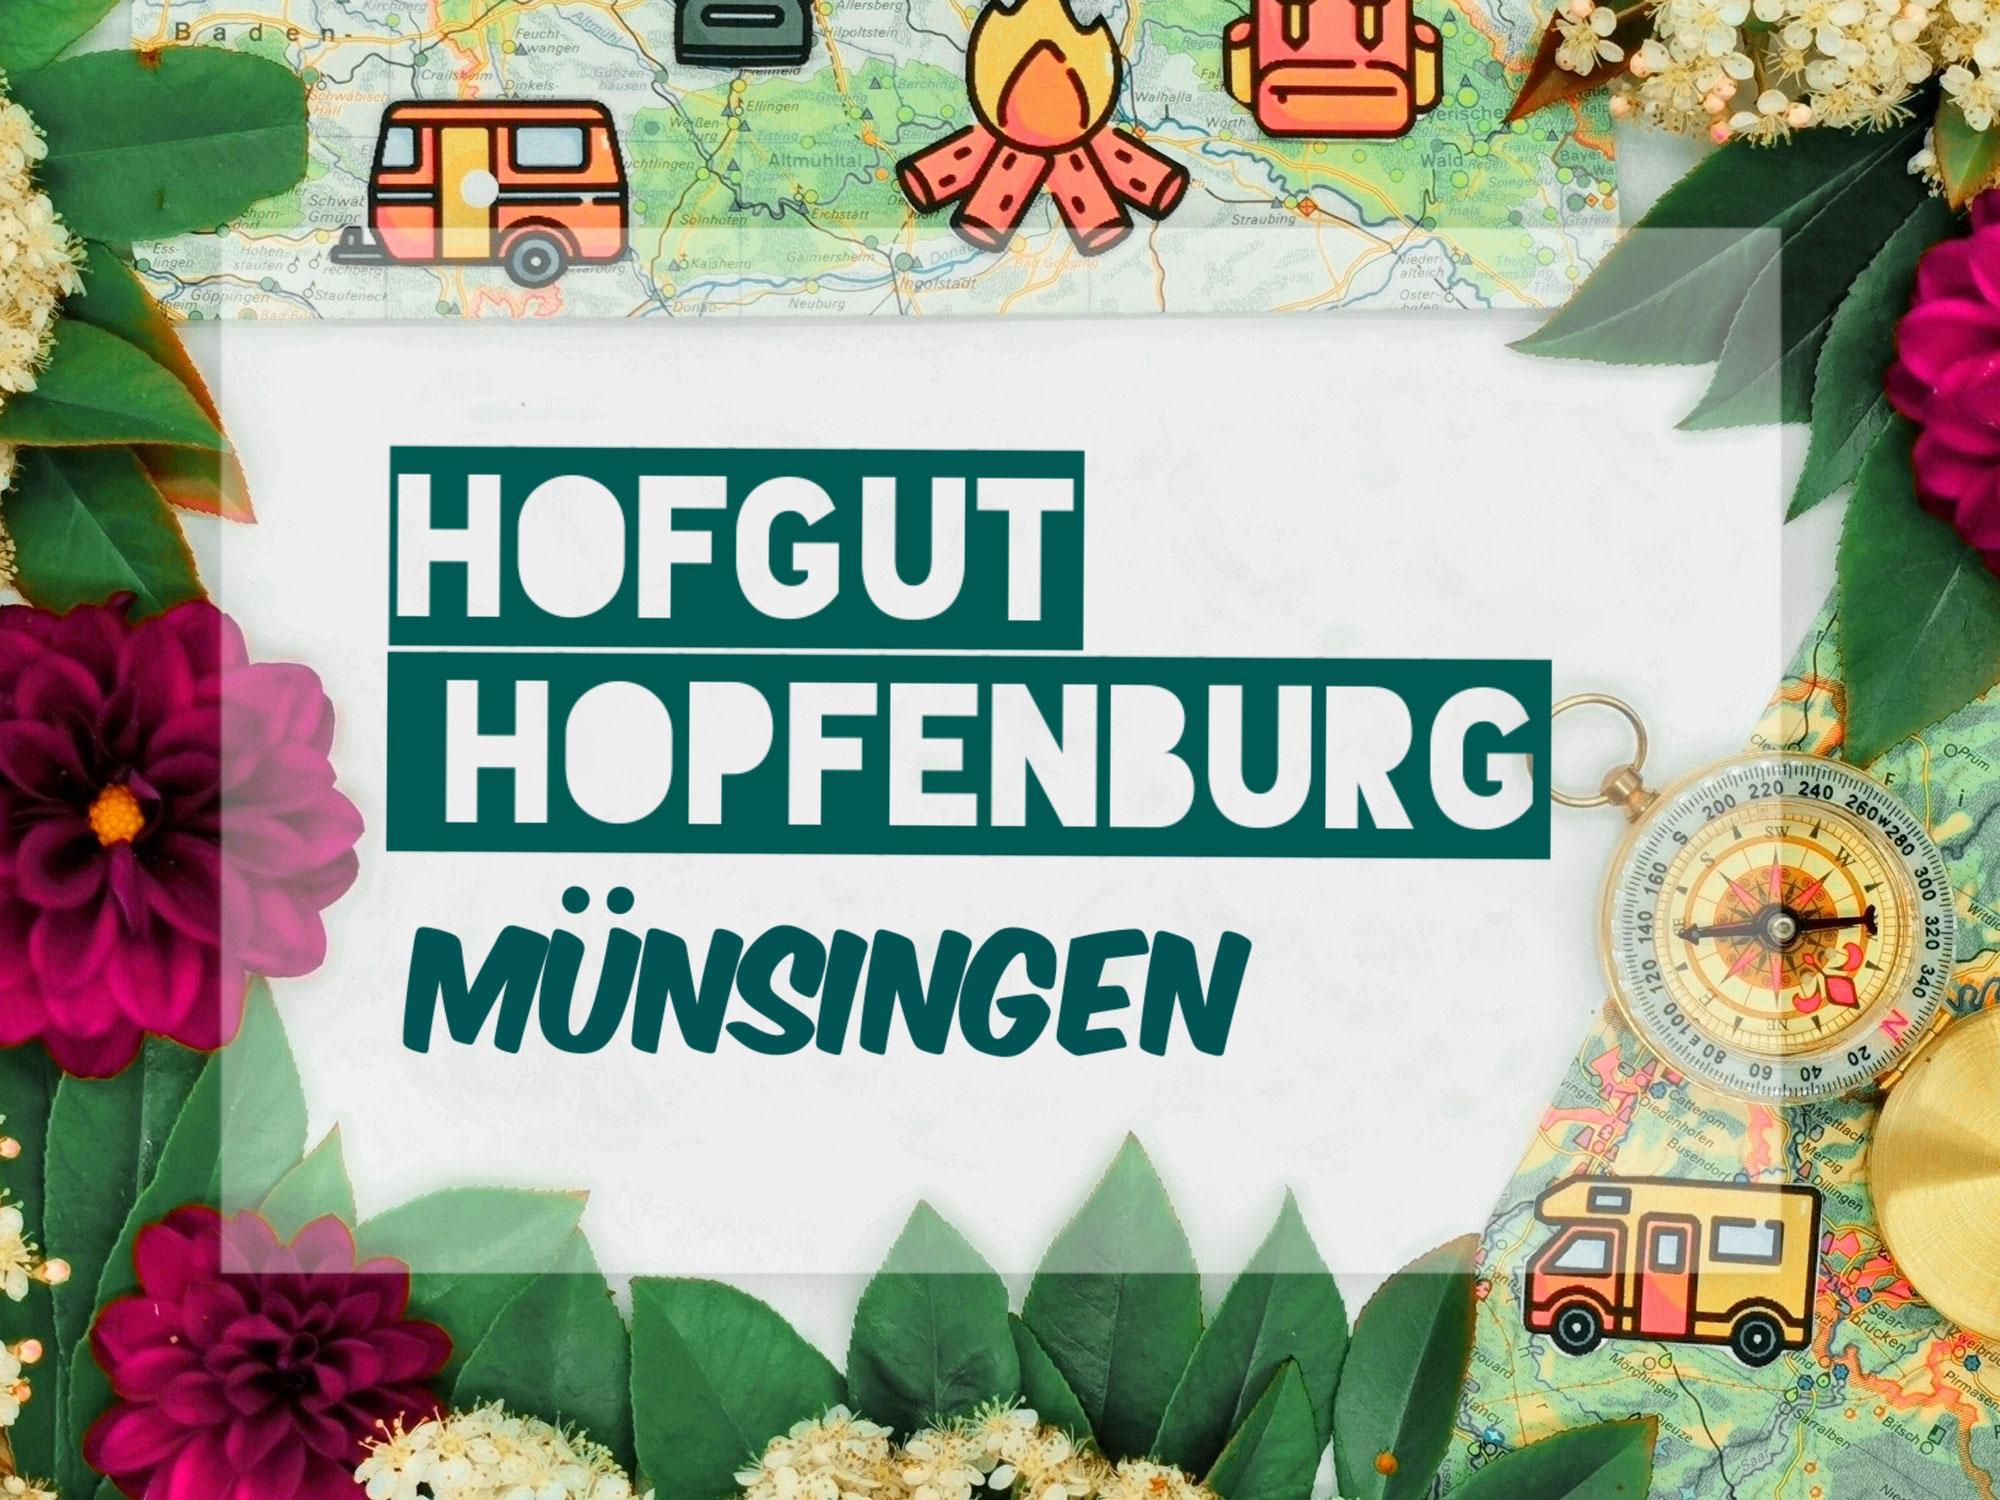 Hofgut Hopfenburg - Münsingen